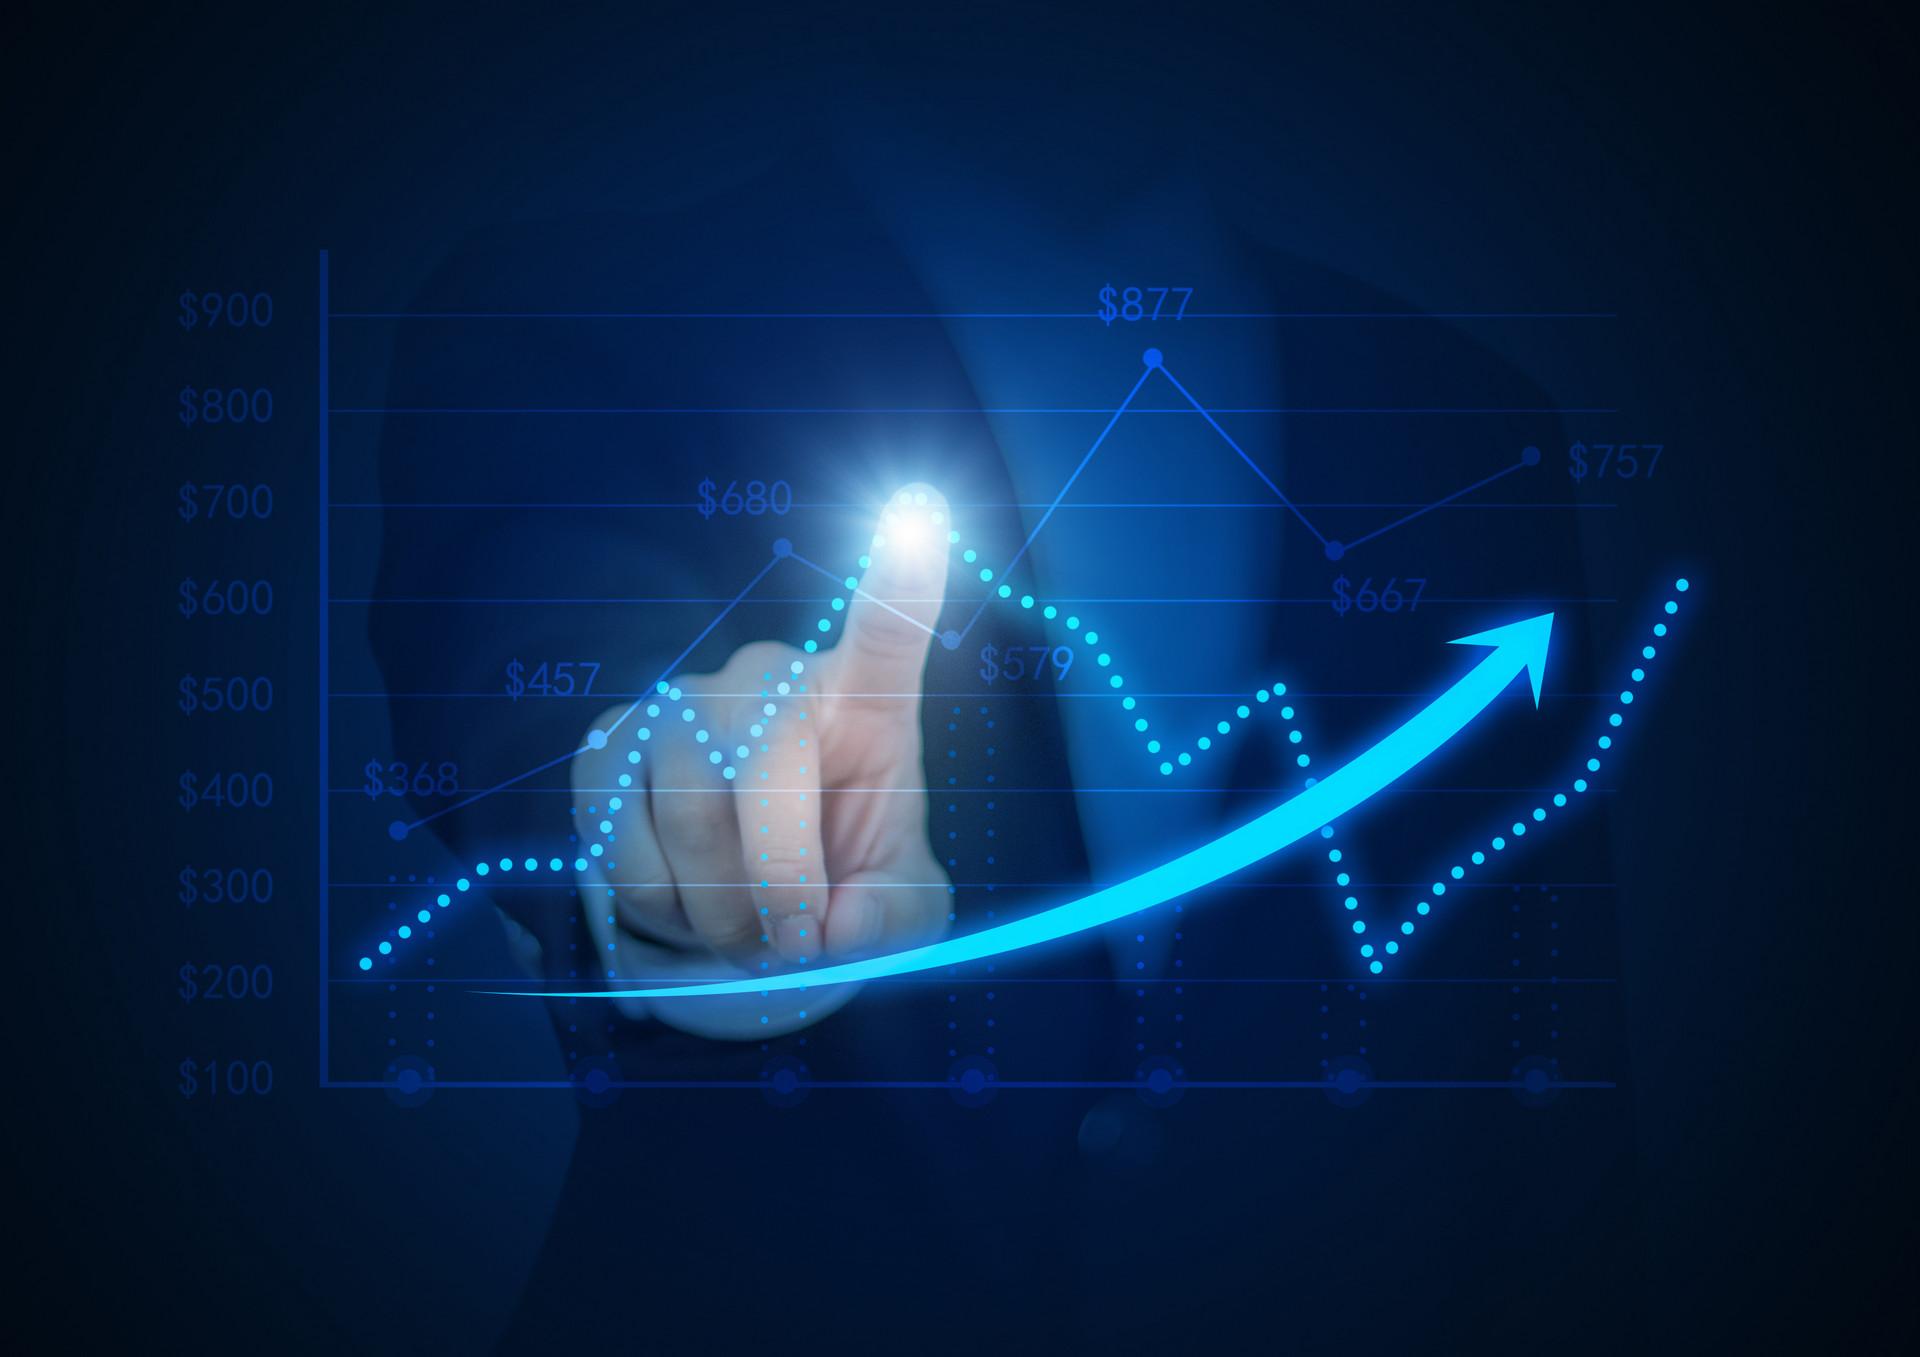 央行等八部委发布意见 进一步强化中小微企业金融服务